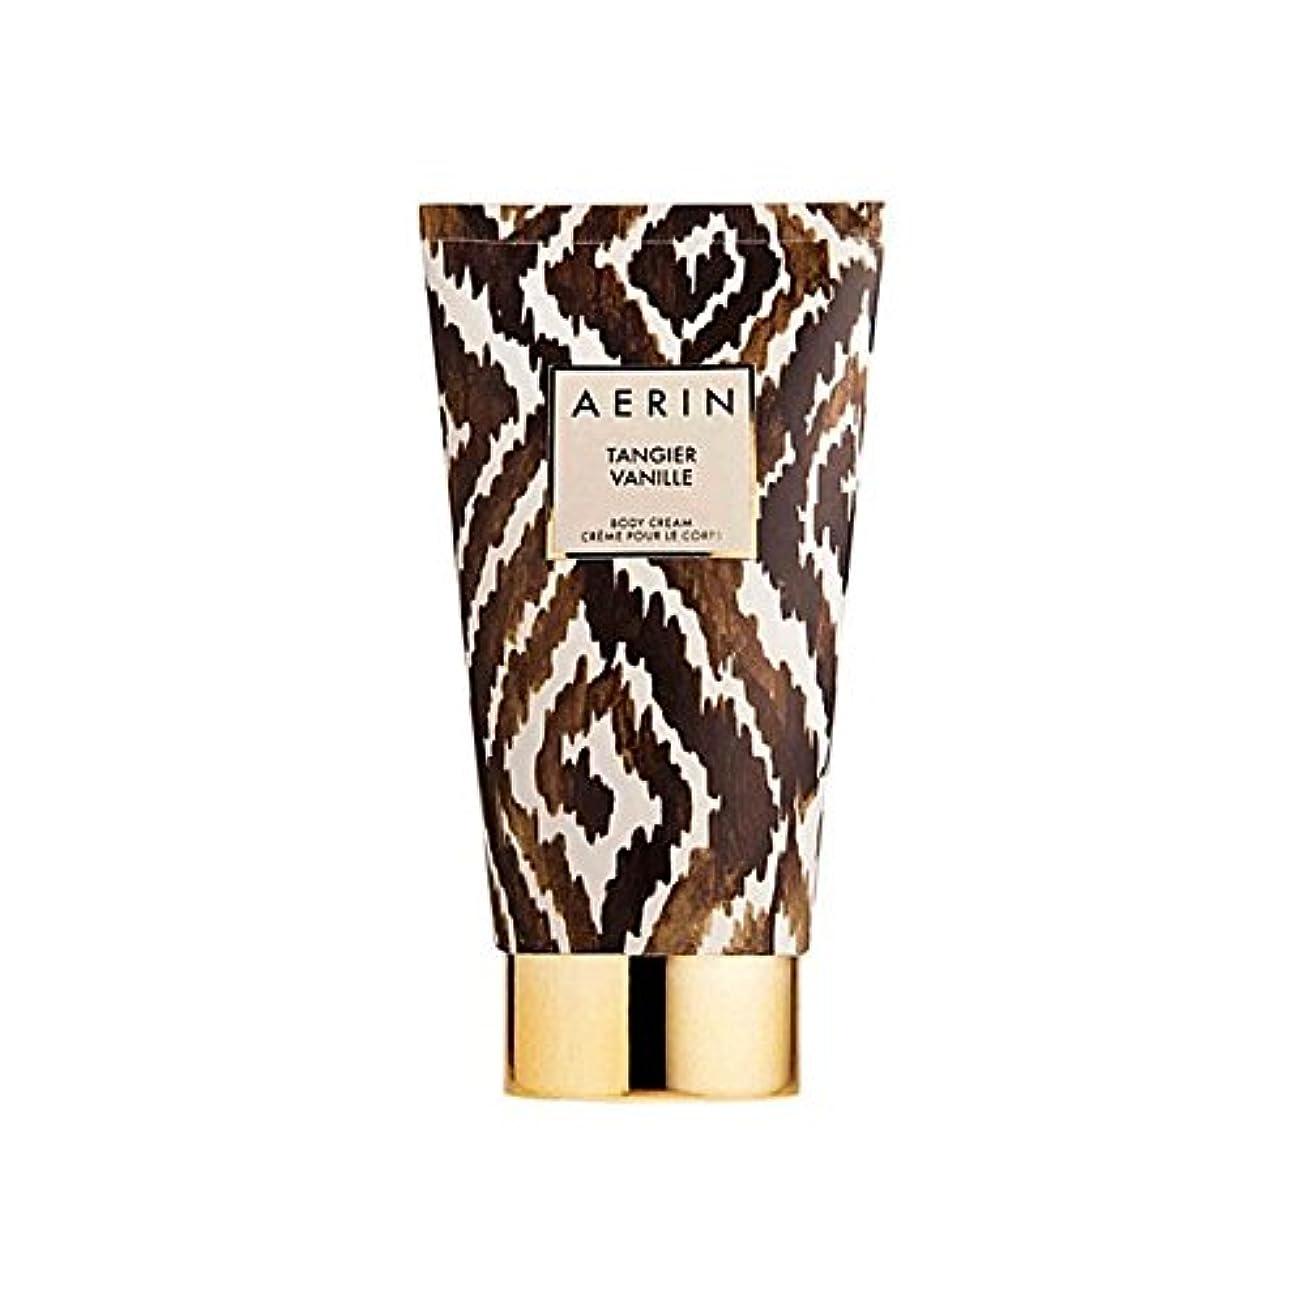 用心スクレーパーゲージタンジールヴァニラボディクリーム x4 - Aerin Tangier Vanille Body Cream (Pack of 4) [並行輸入品]